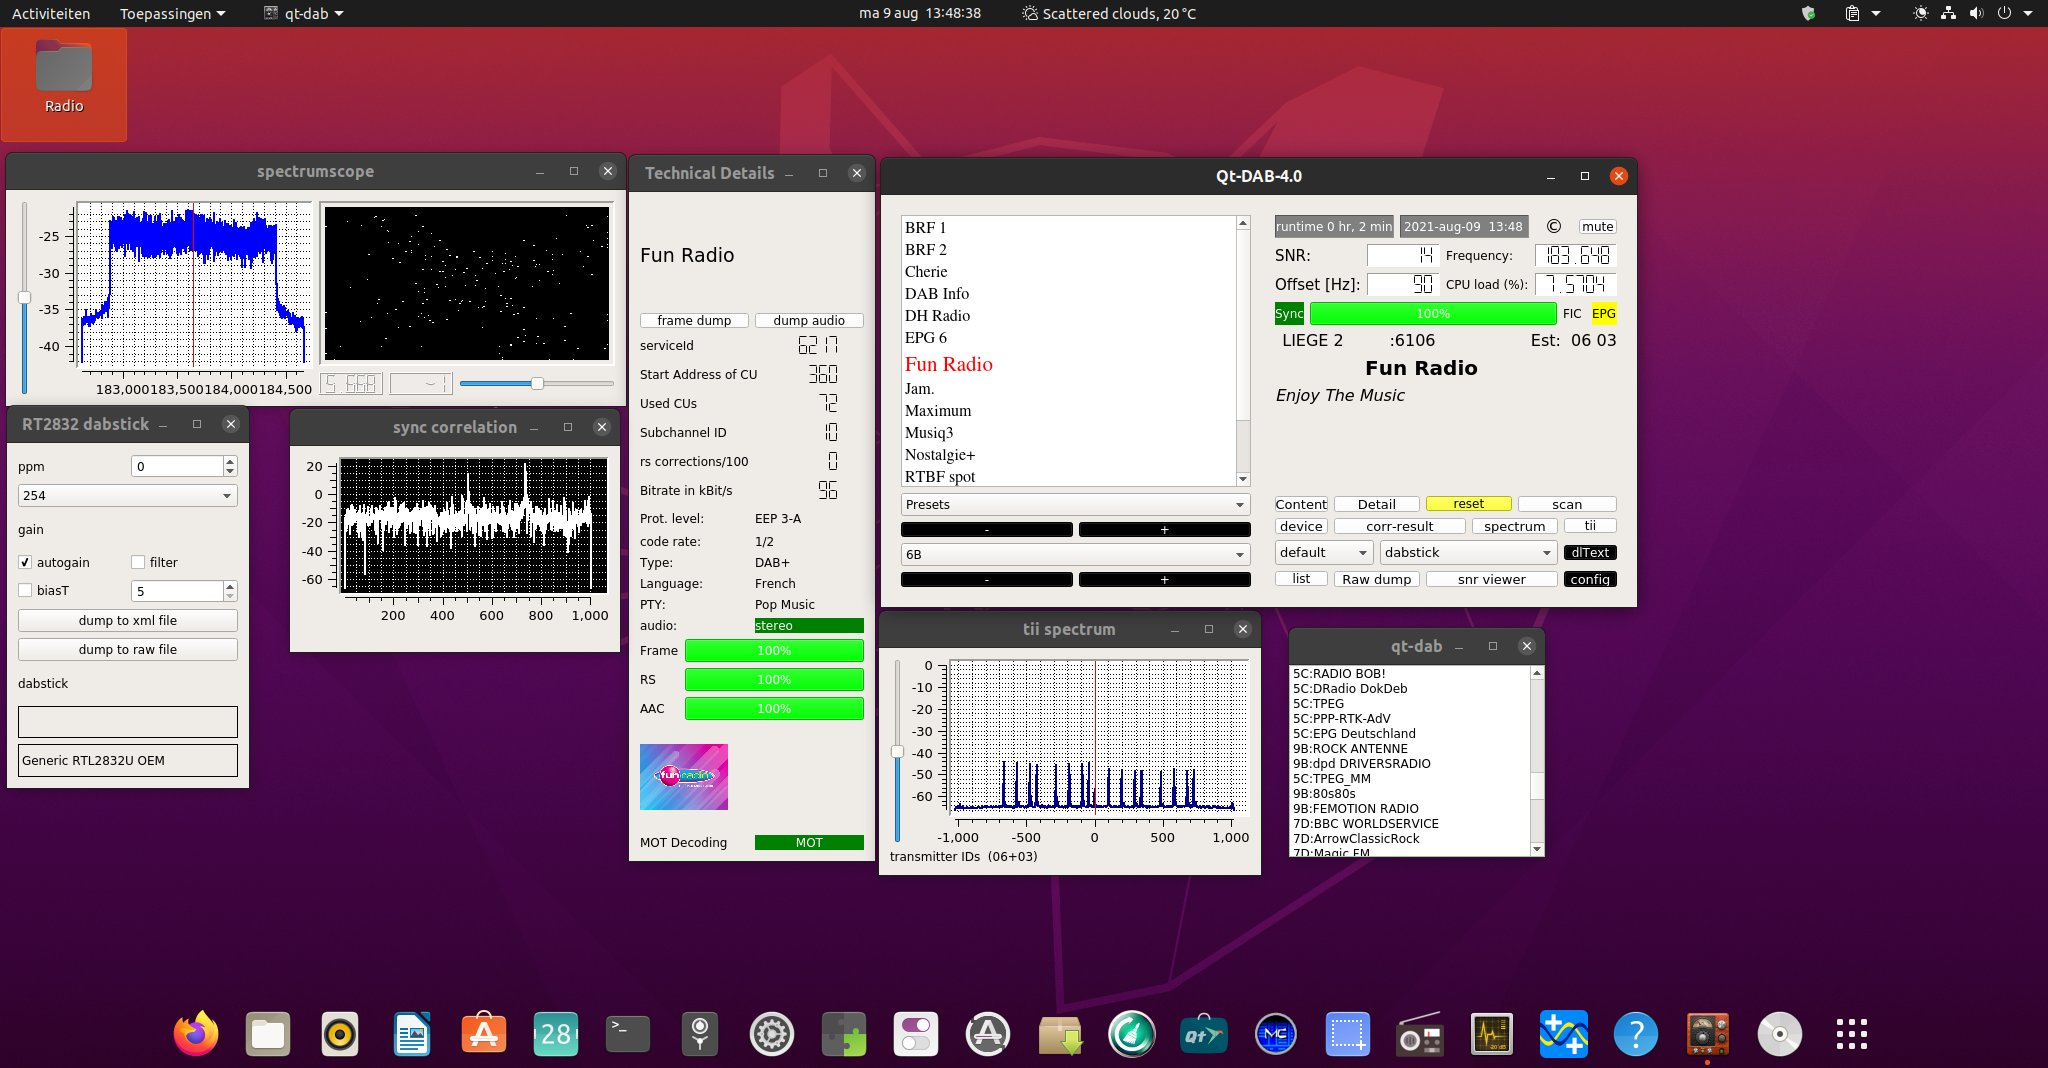 Ubuntu and QT-DAB